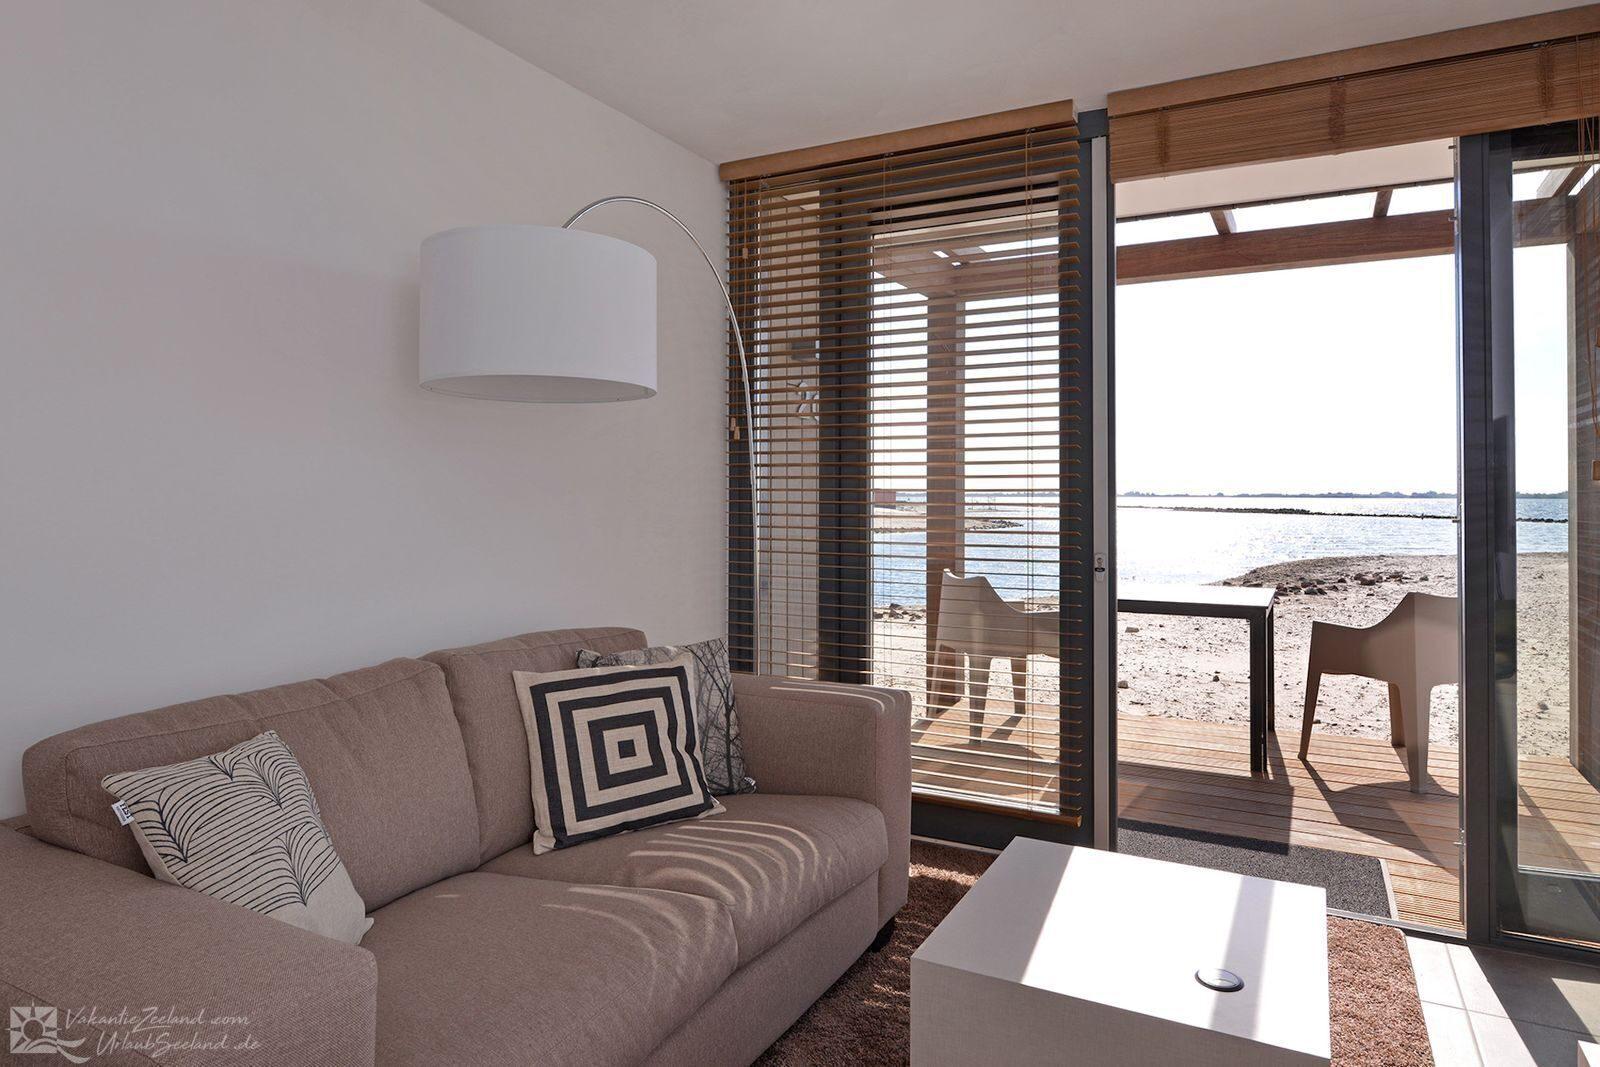 VZ801 Hotelstudio DeLuxe Ouddorp